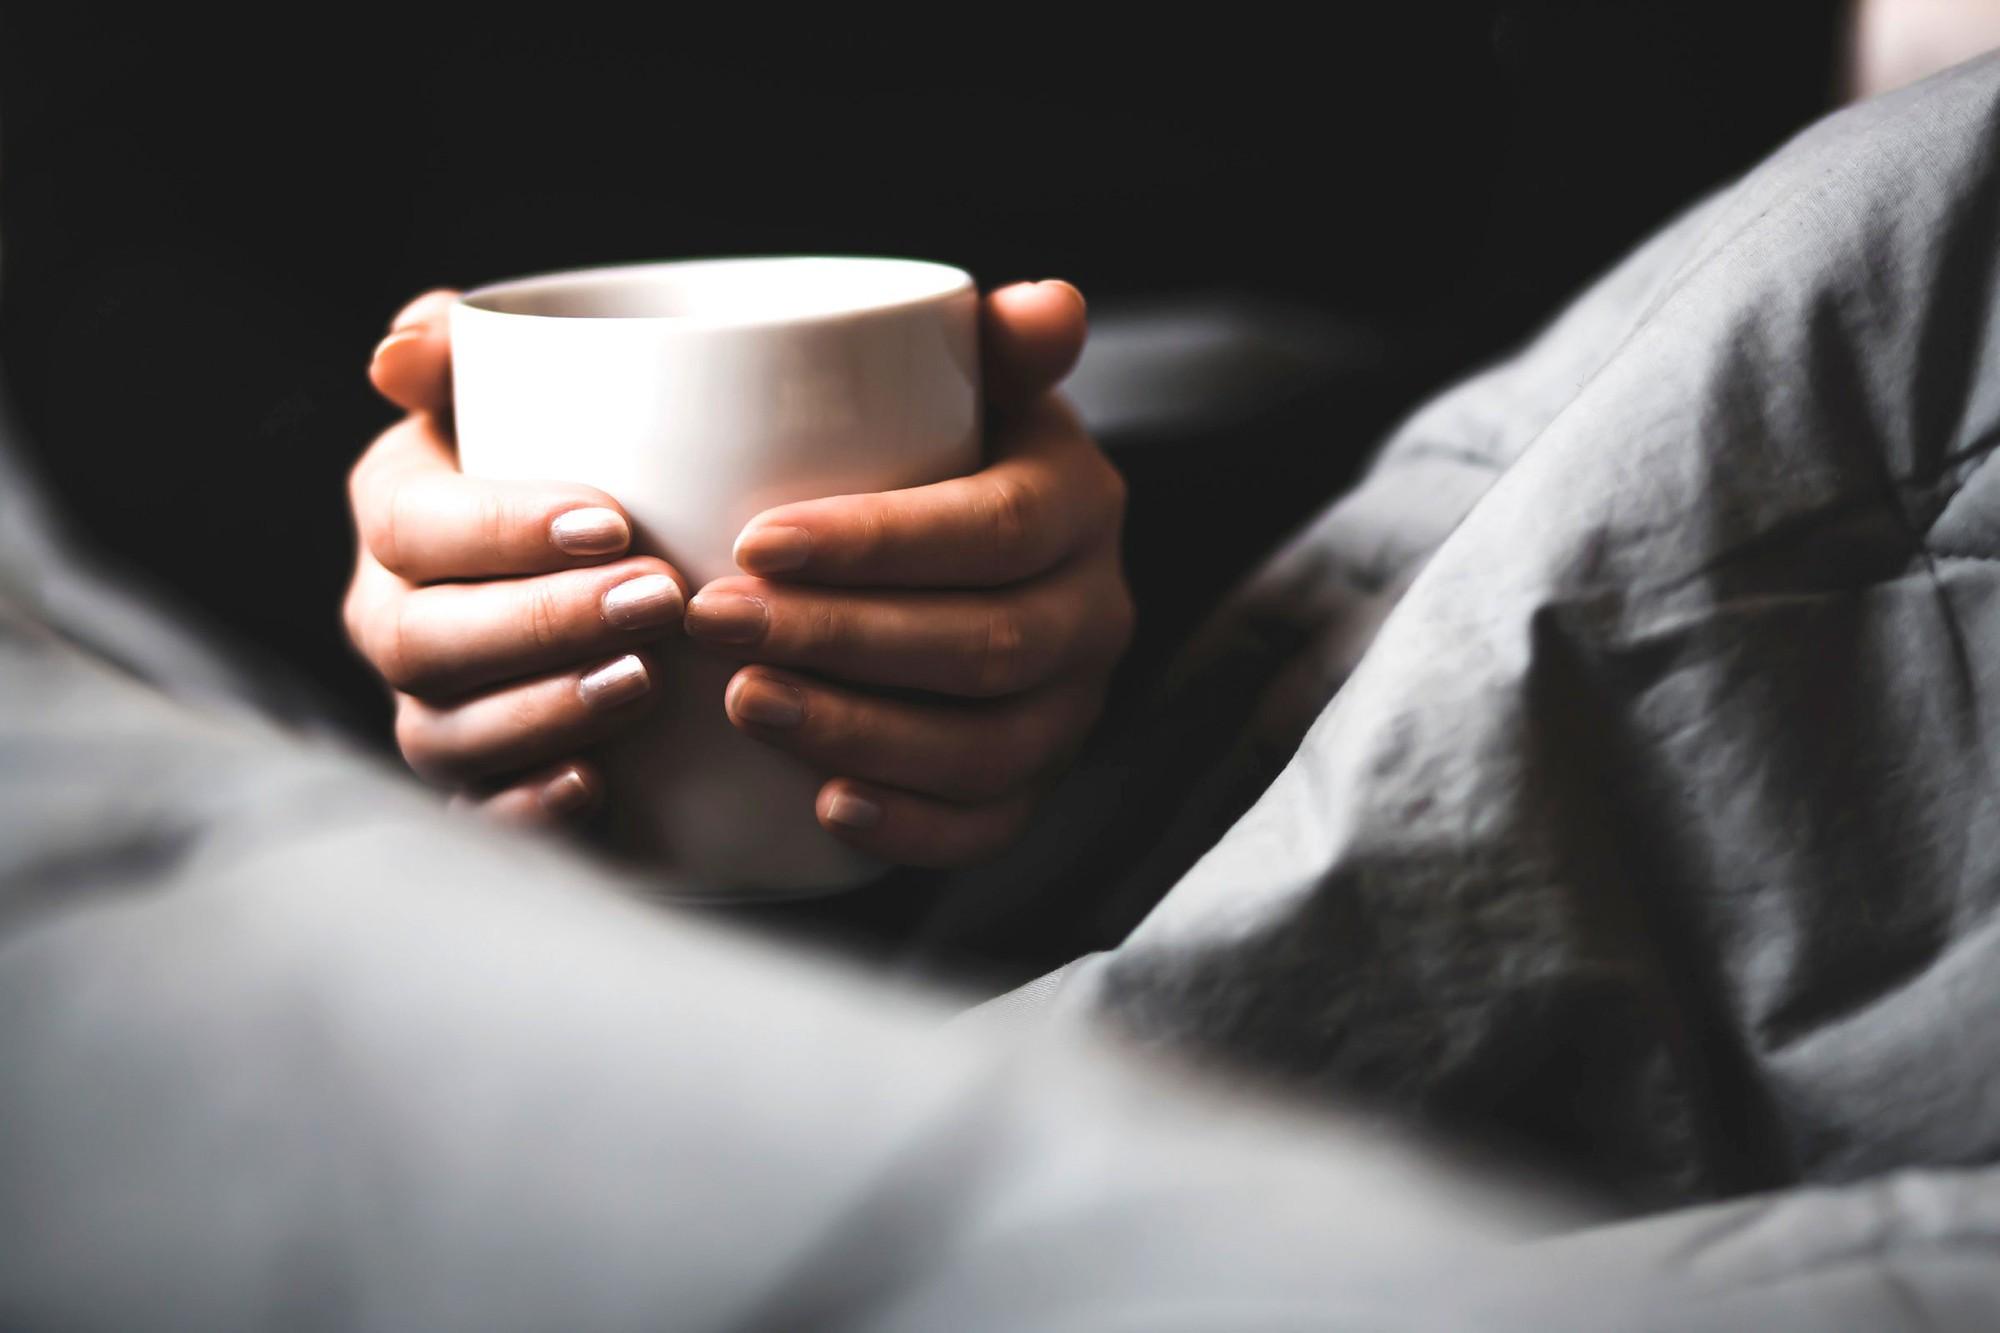 Đây là 5 nguyên nhân gây ra tình trạng tiểu đêm mà bạn không nên chủ quan bỏ qua - Ảnh 2.